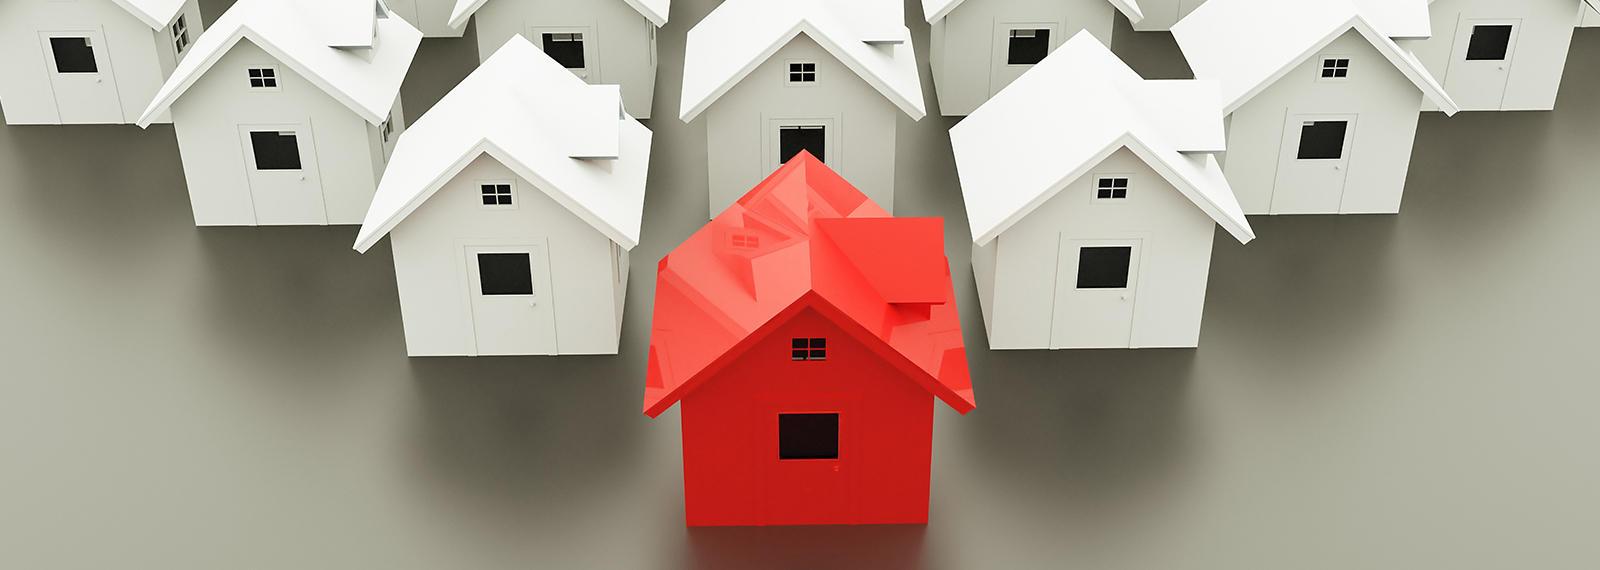 1600x570-bank-hypotheek